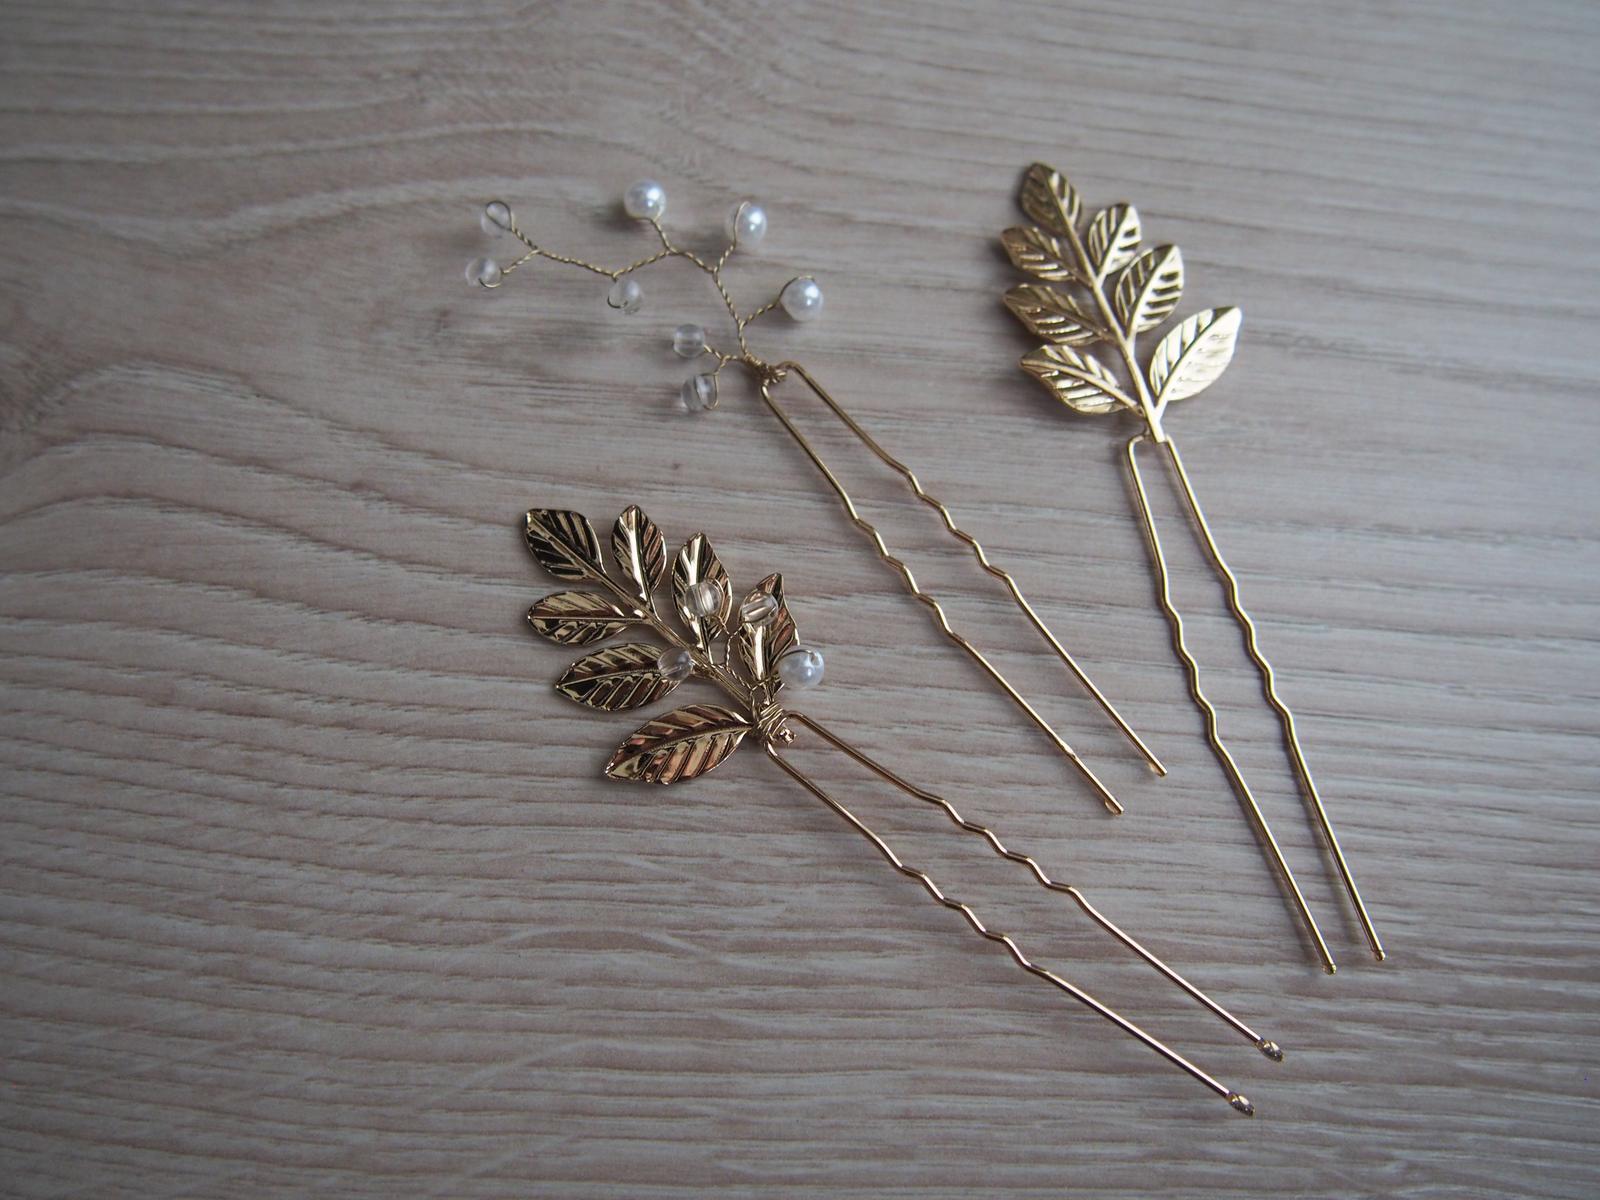 Zlaté dekorace do vlasů s motivem lístků - Obrázek č. 2